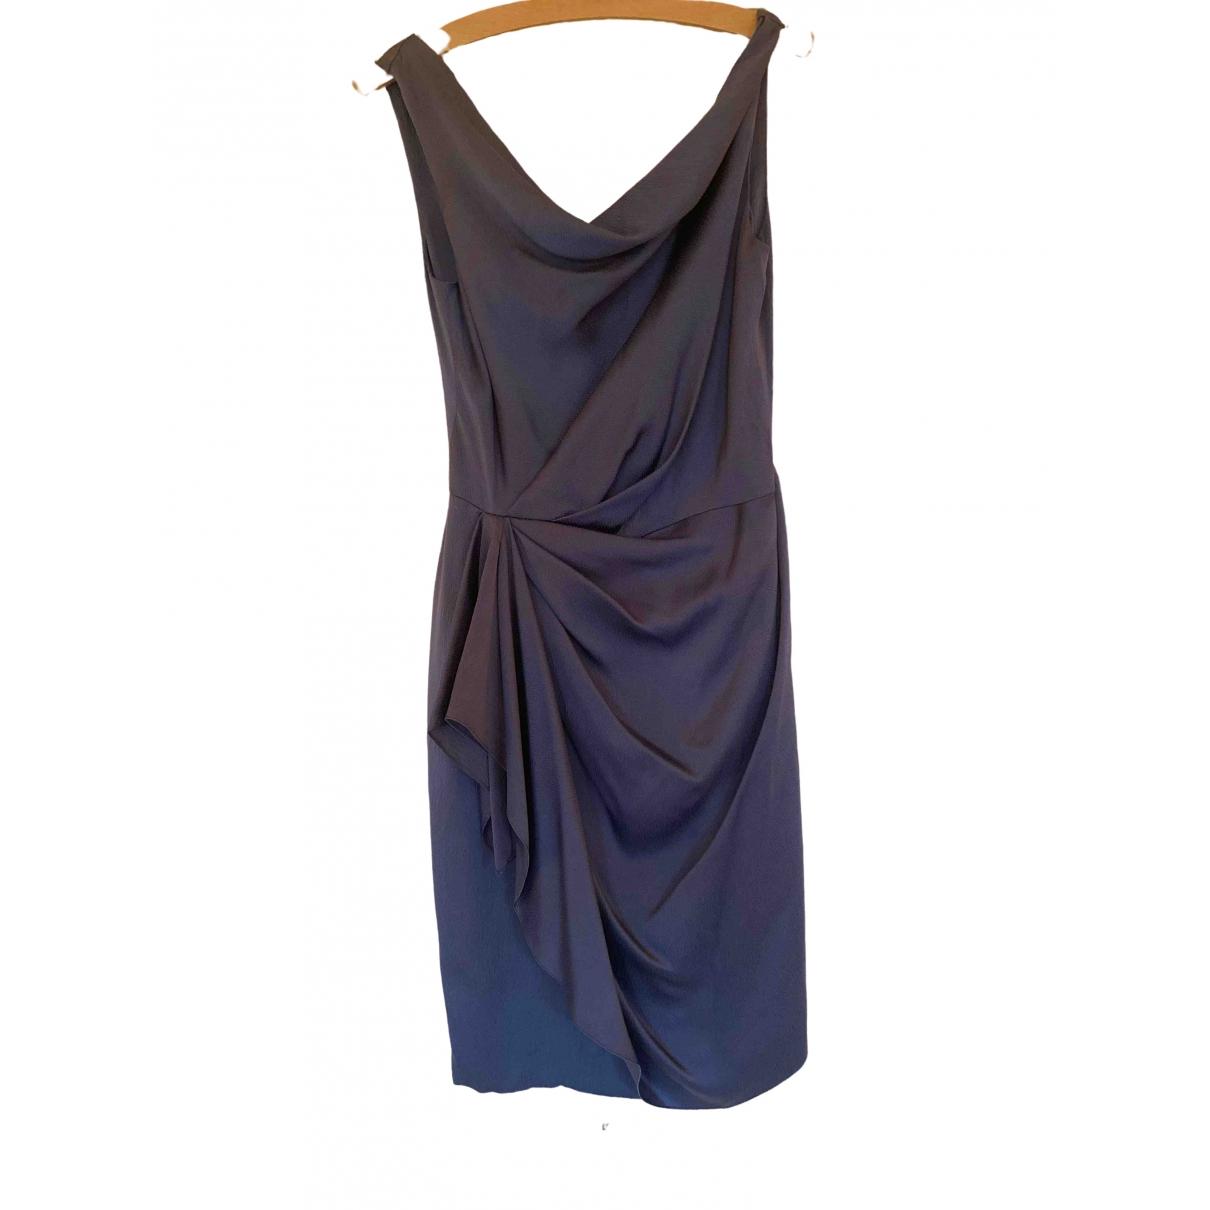 J.mendel \N Kleid in  Blau Seide